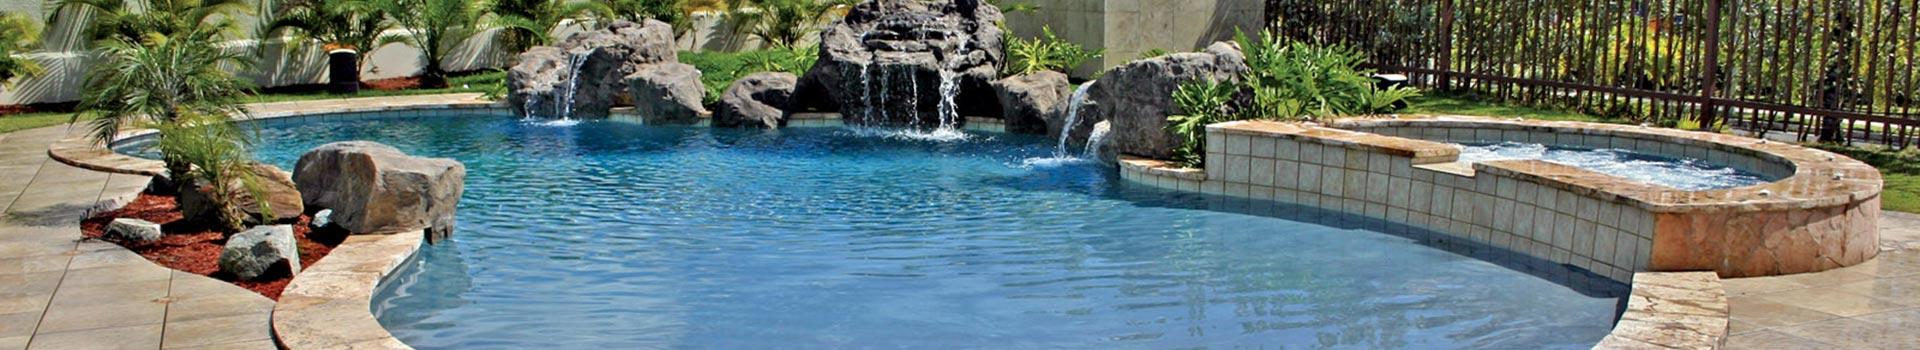 Inground-pool- w-rock-waterfall